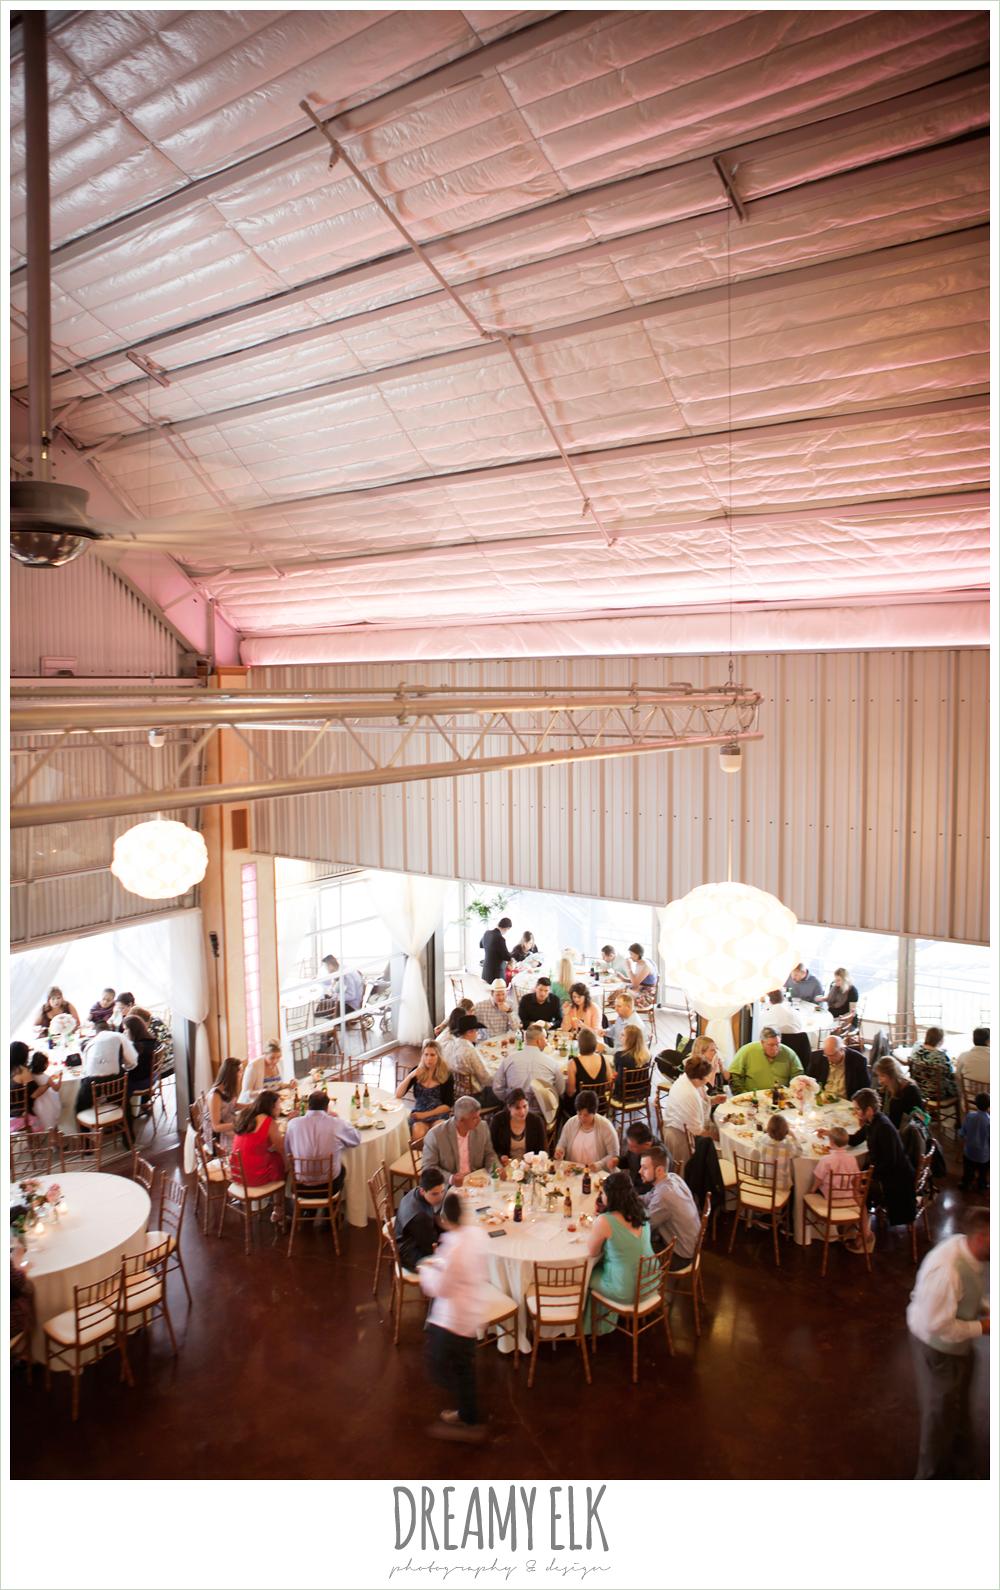 indoor wedding reception, terradorna wedding venue, austin spring wedding {dreamy elk photography and design}